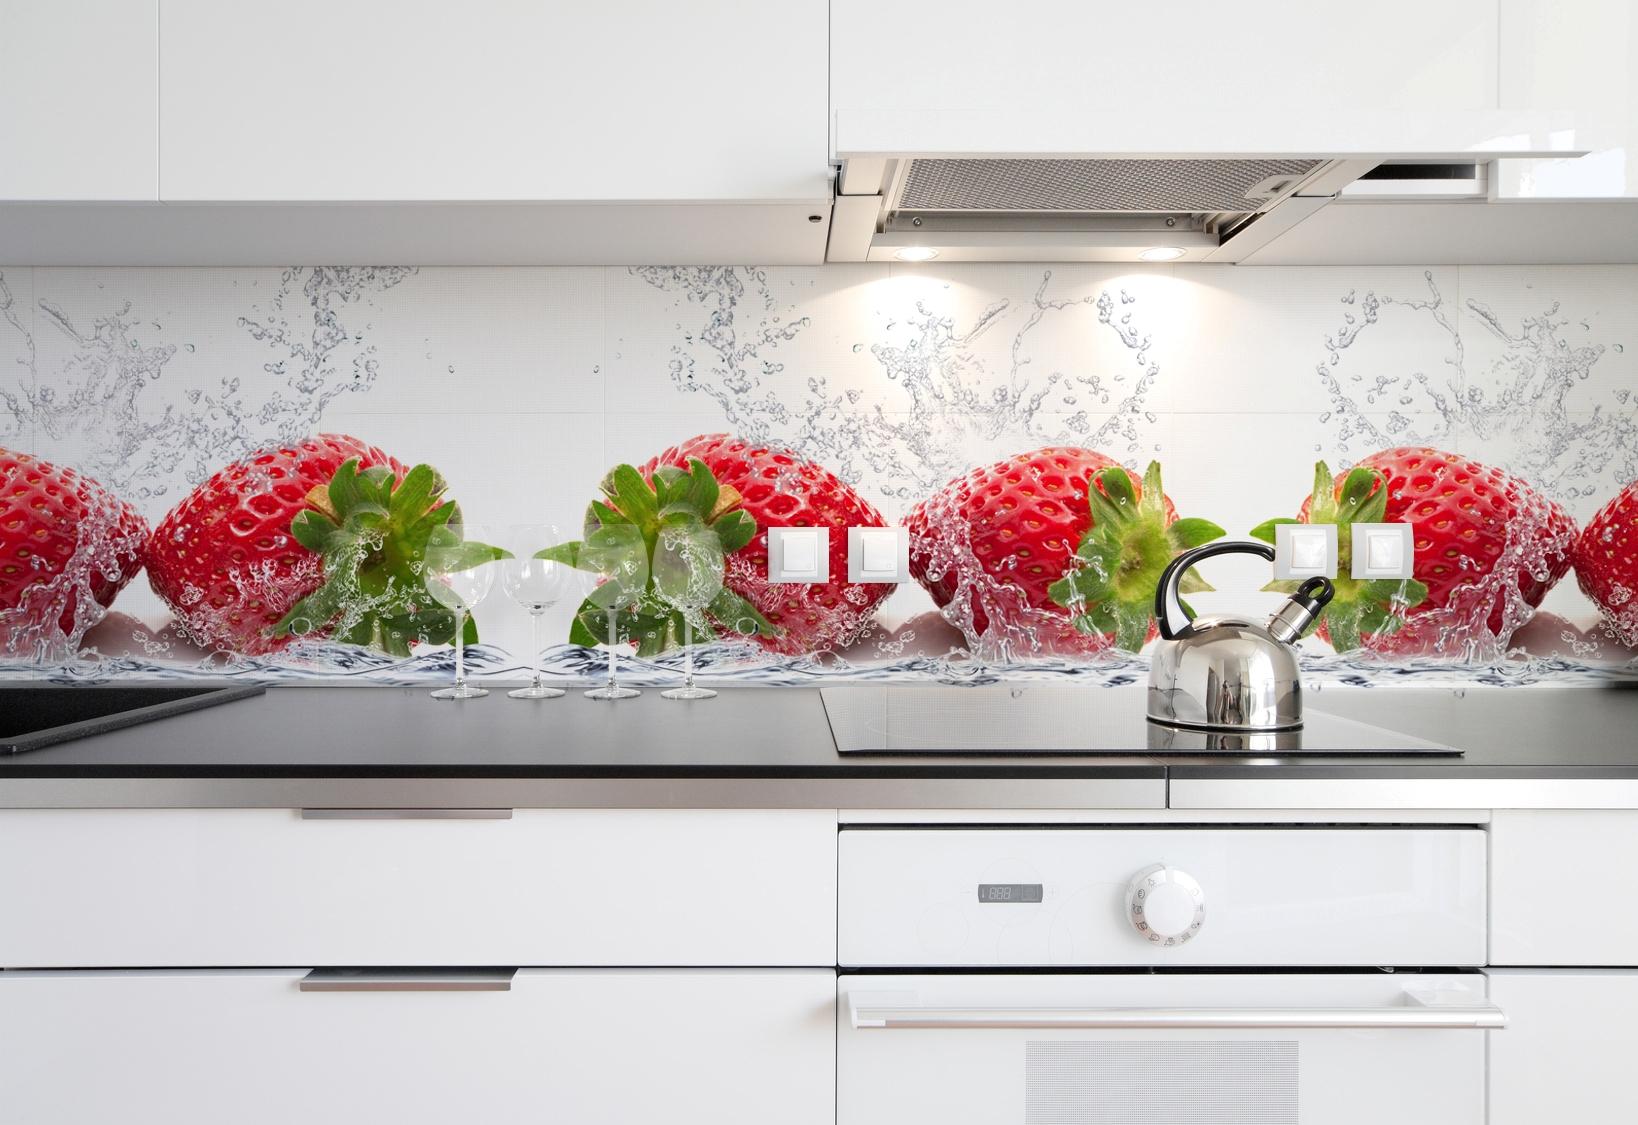 Fototapeta w kuchni Fototapeta w kuchni -> Fototapety Kuchenne Aranzacje